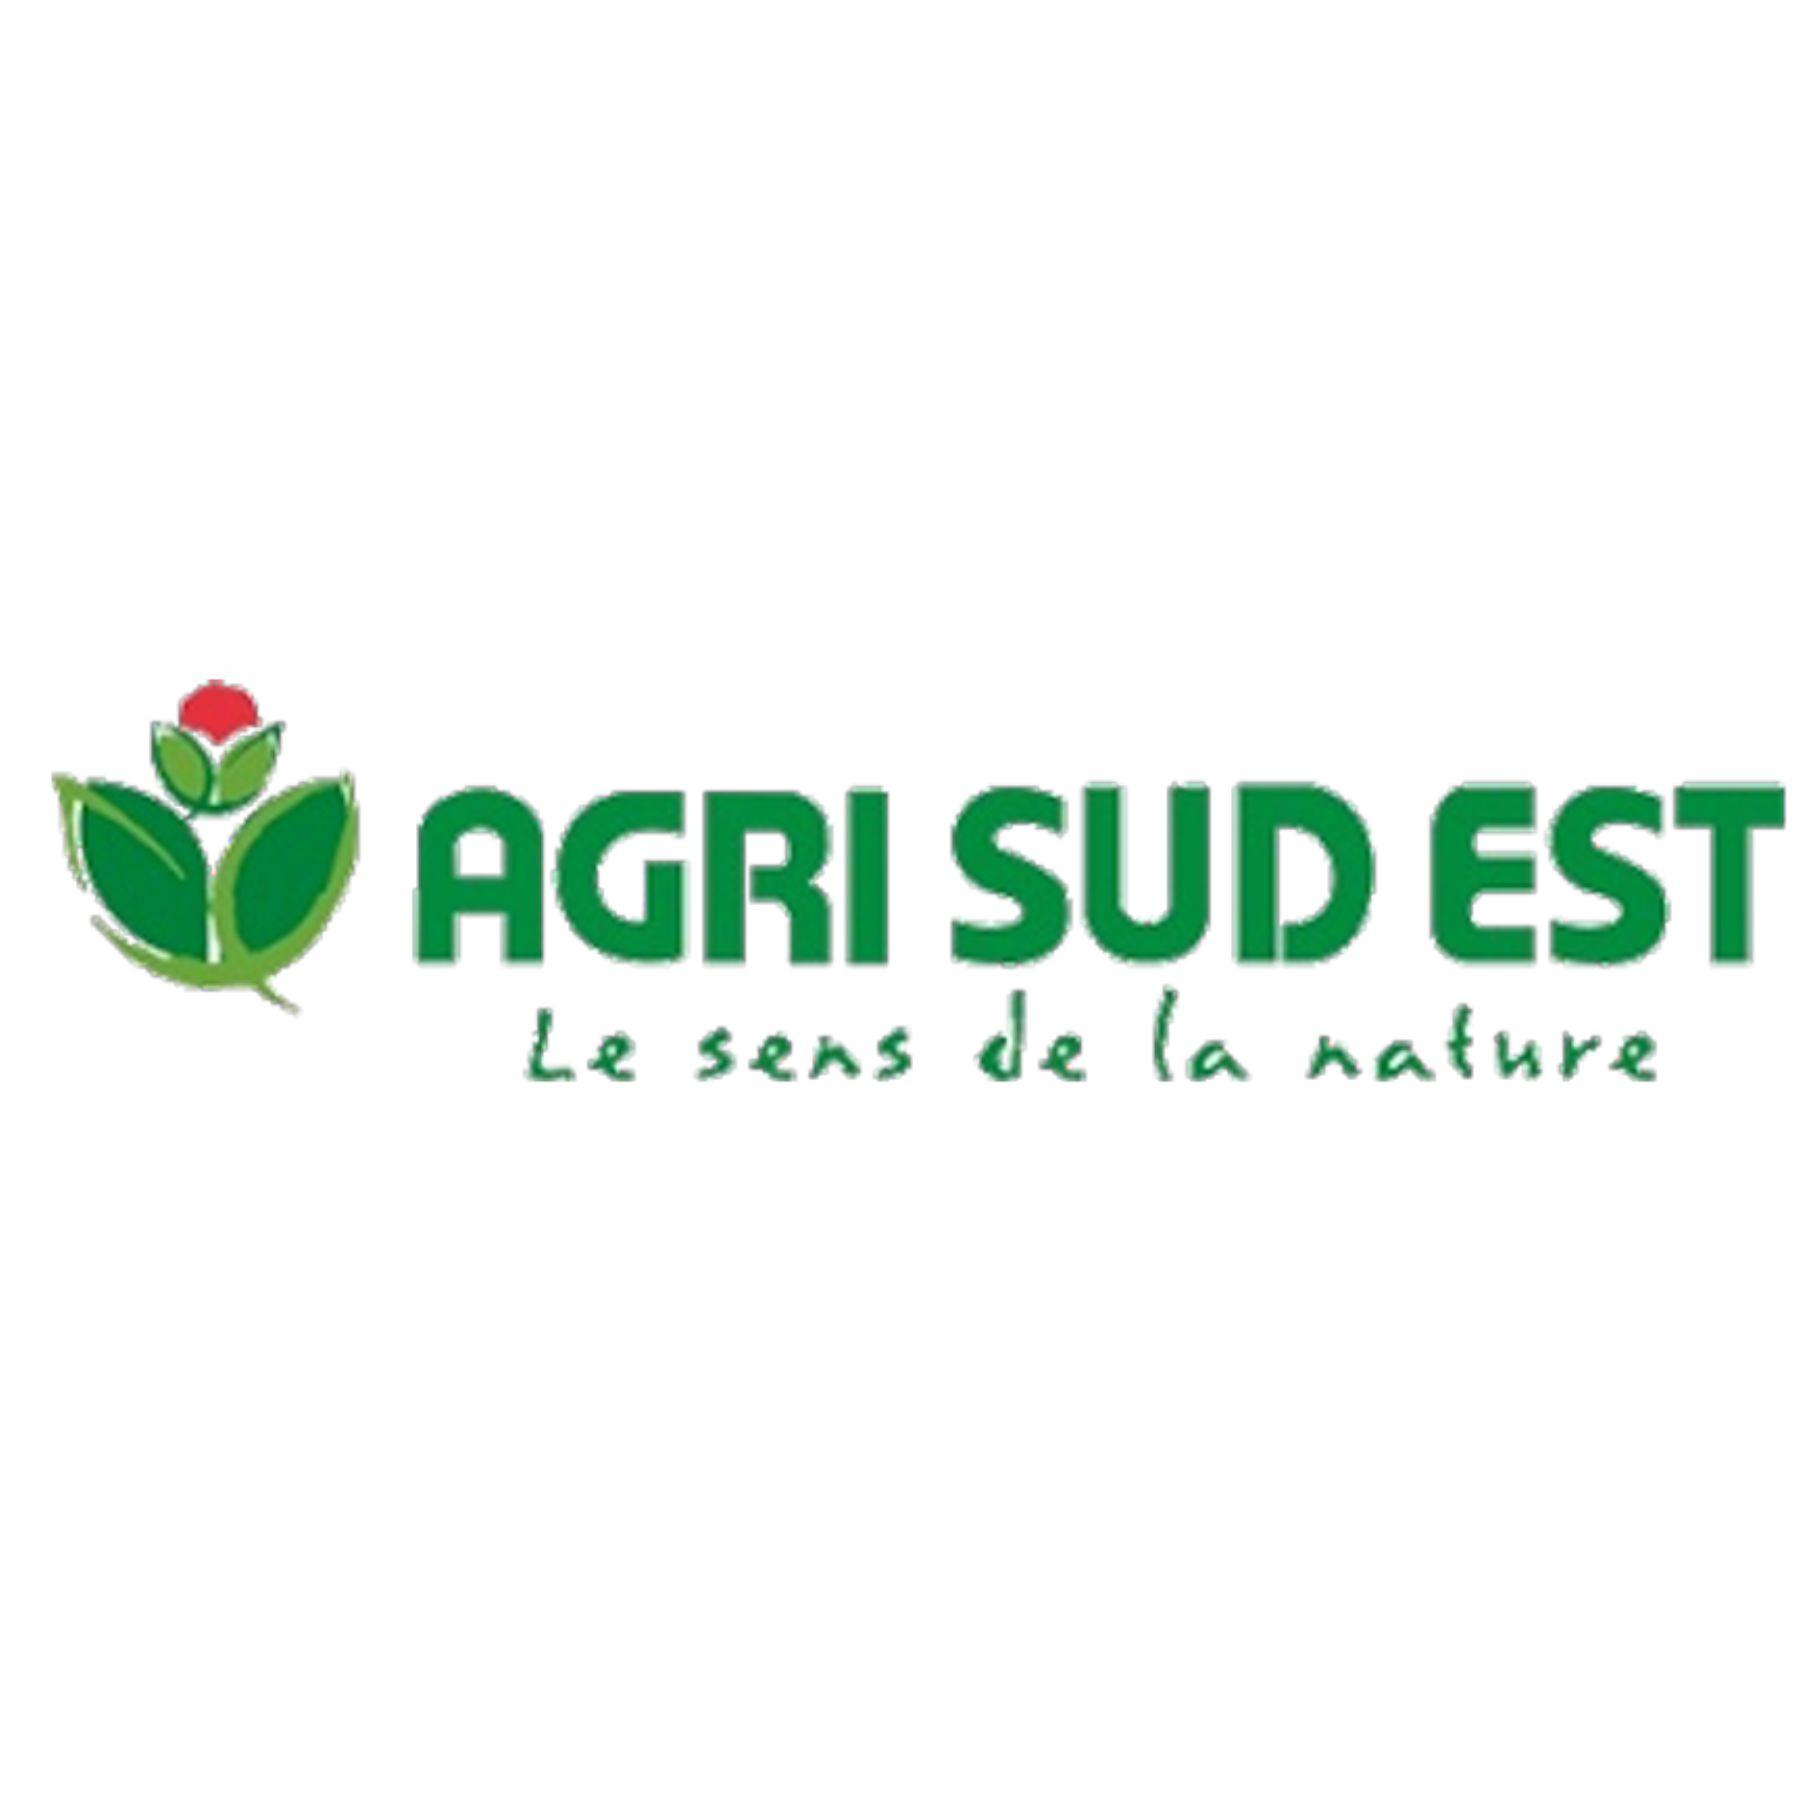 _agri sud